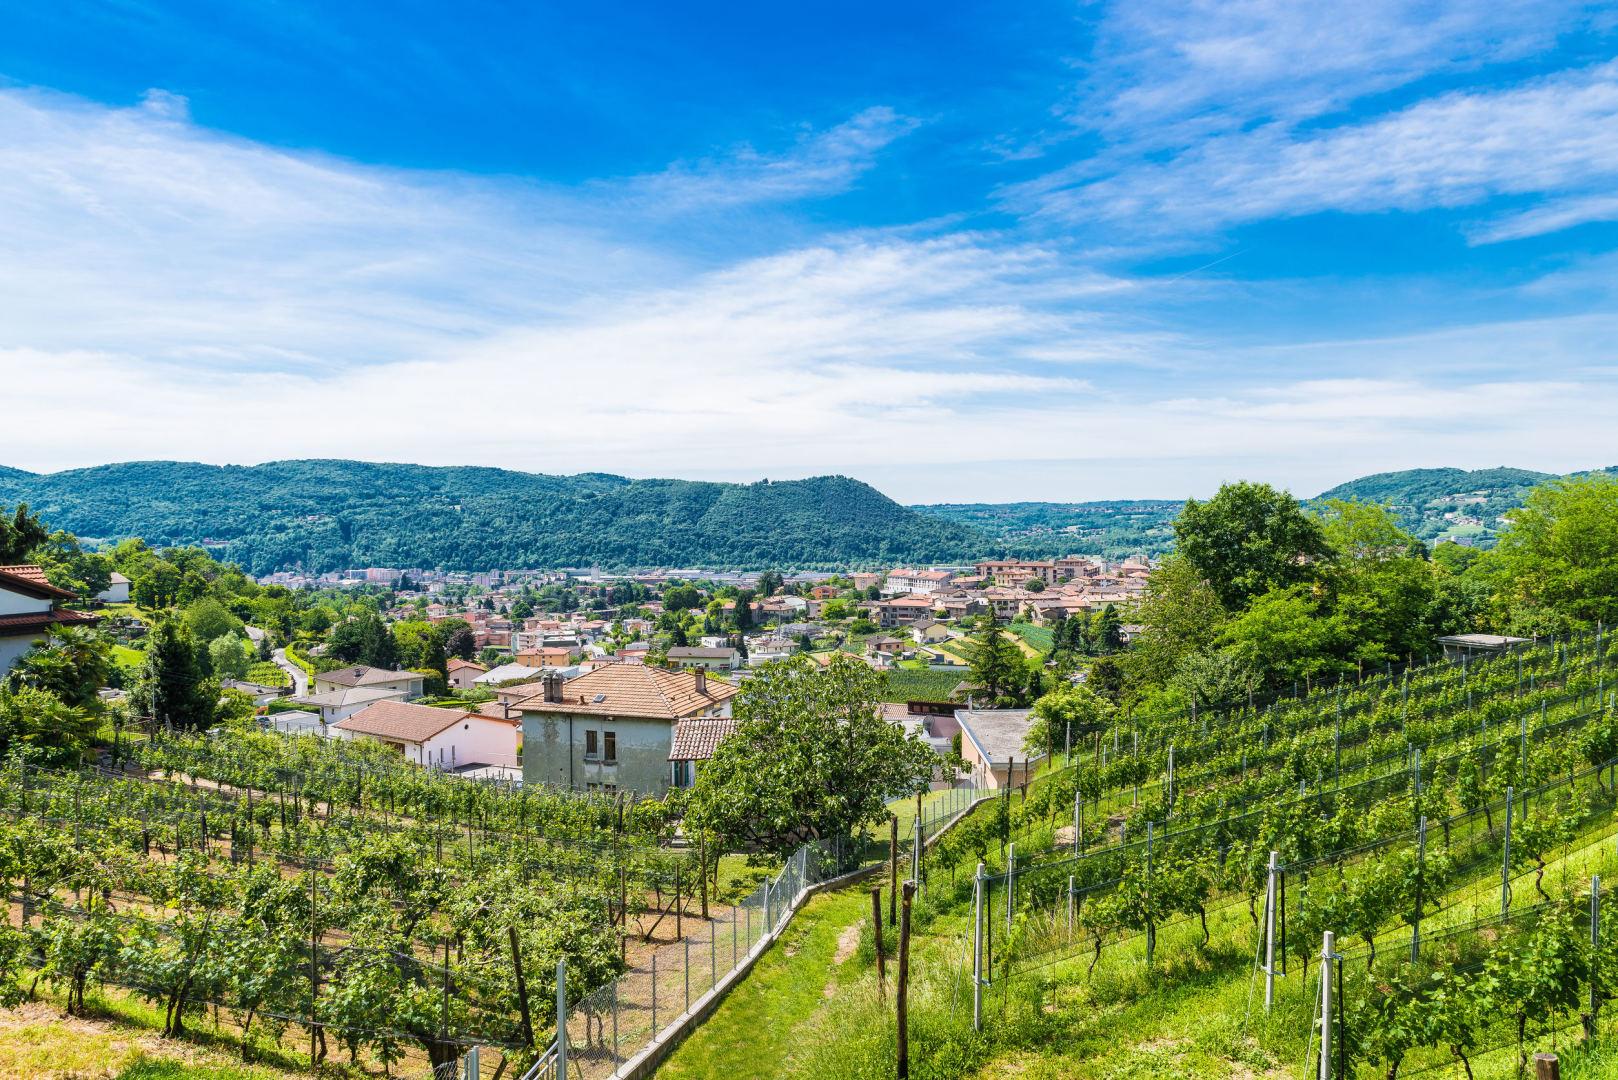 akcijų pasirinkimo mokesčių mokestis šveicarija